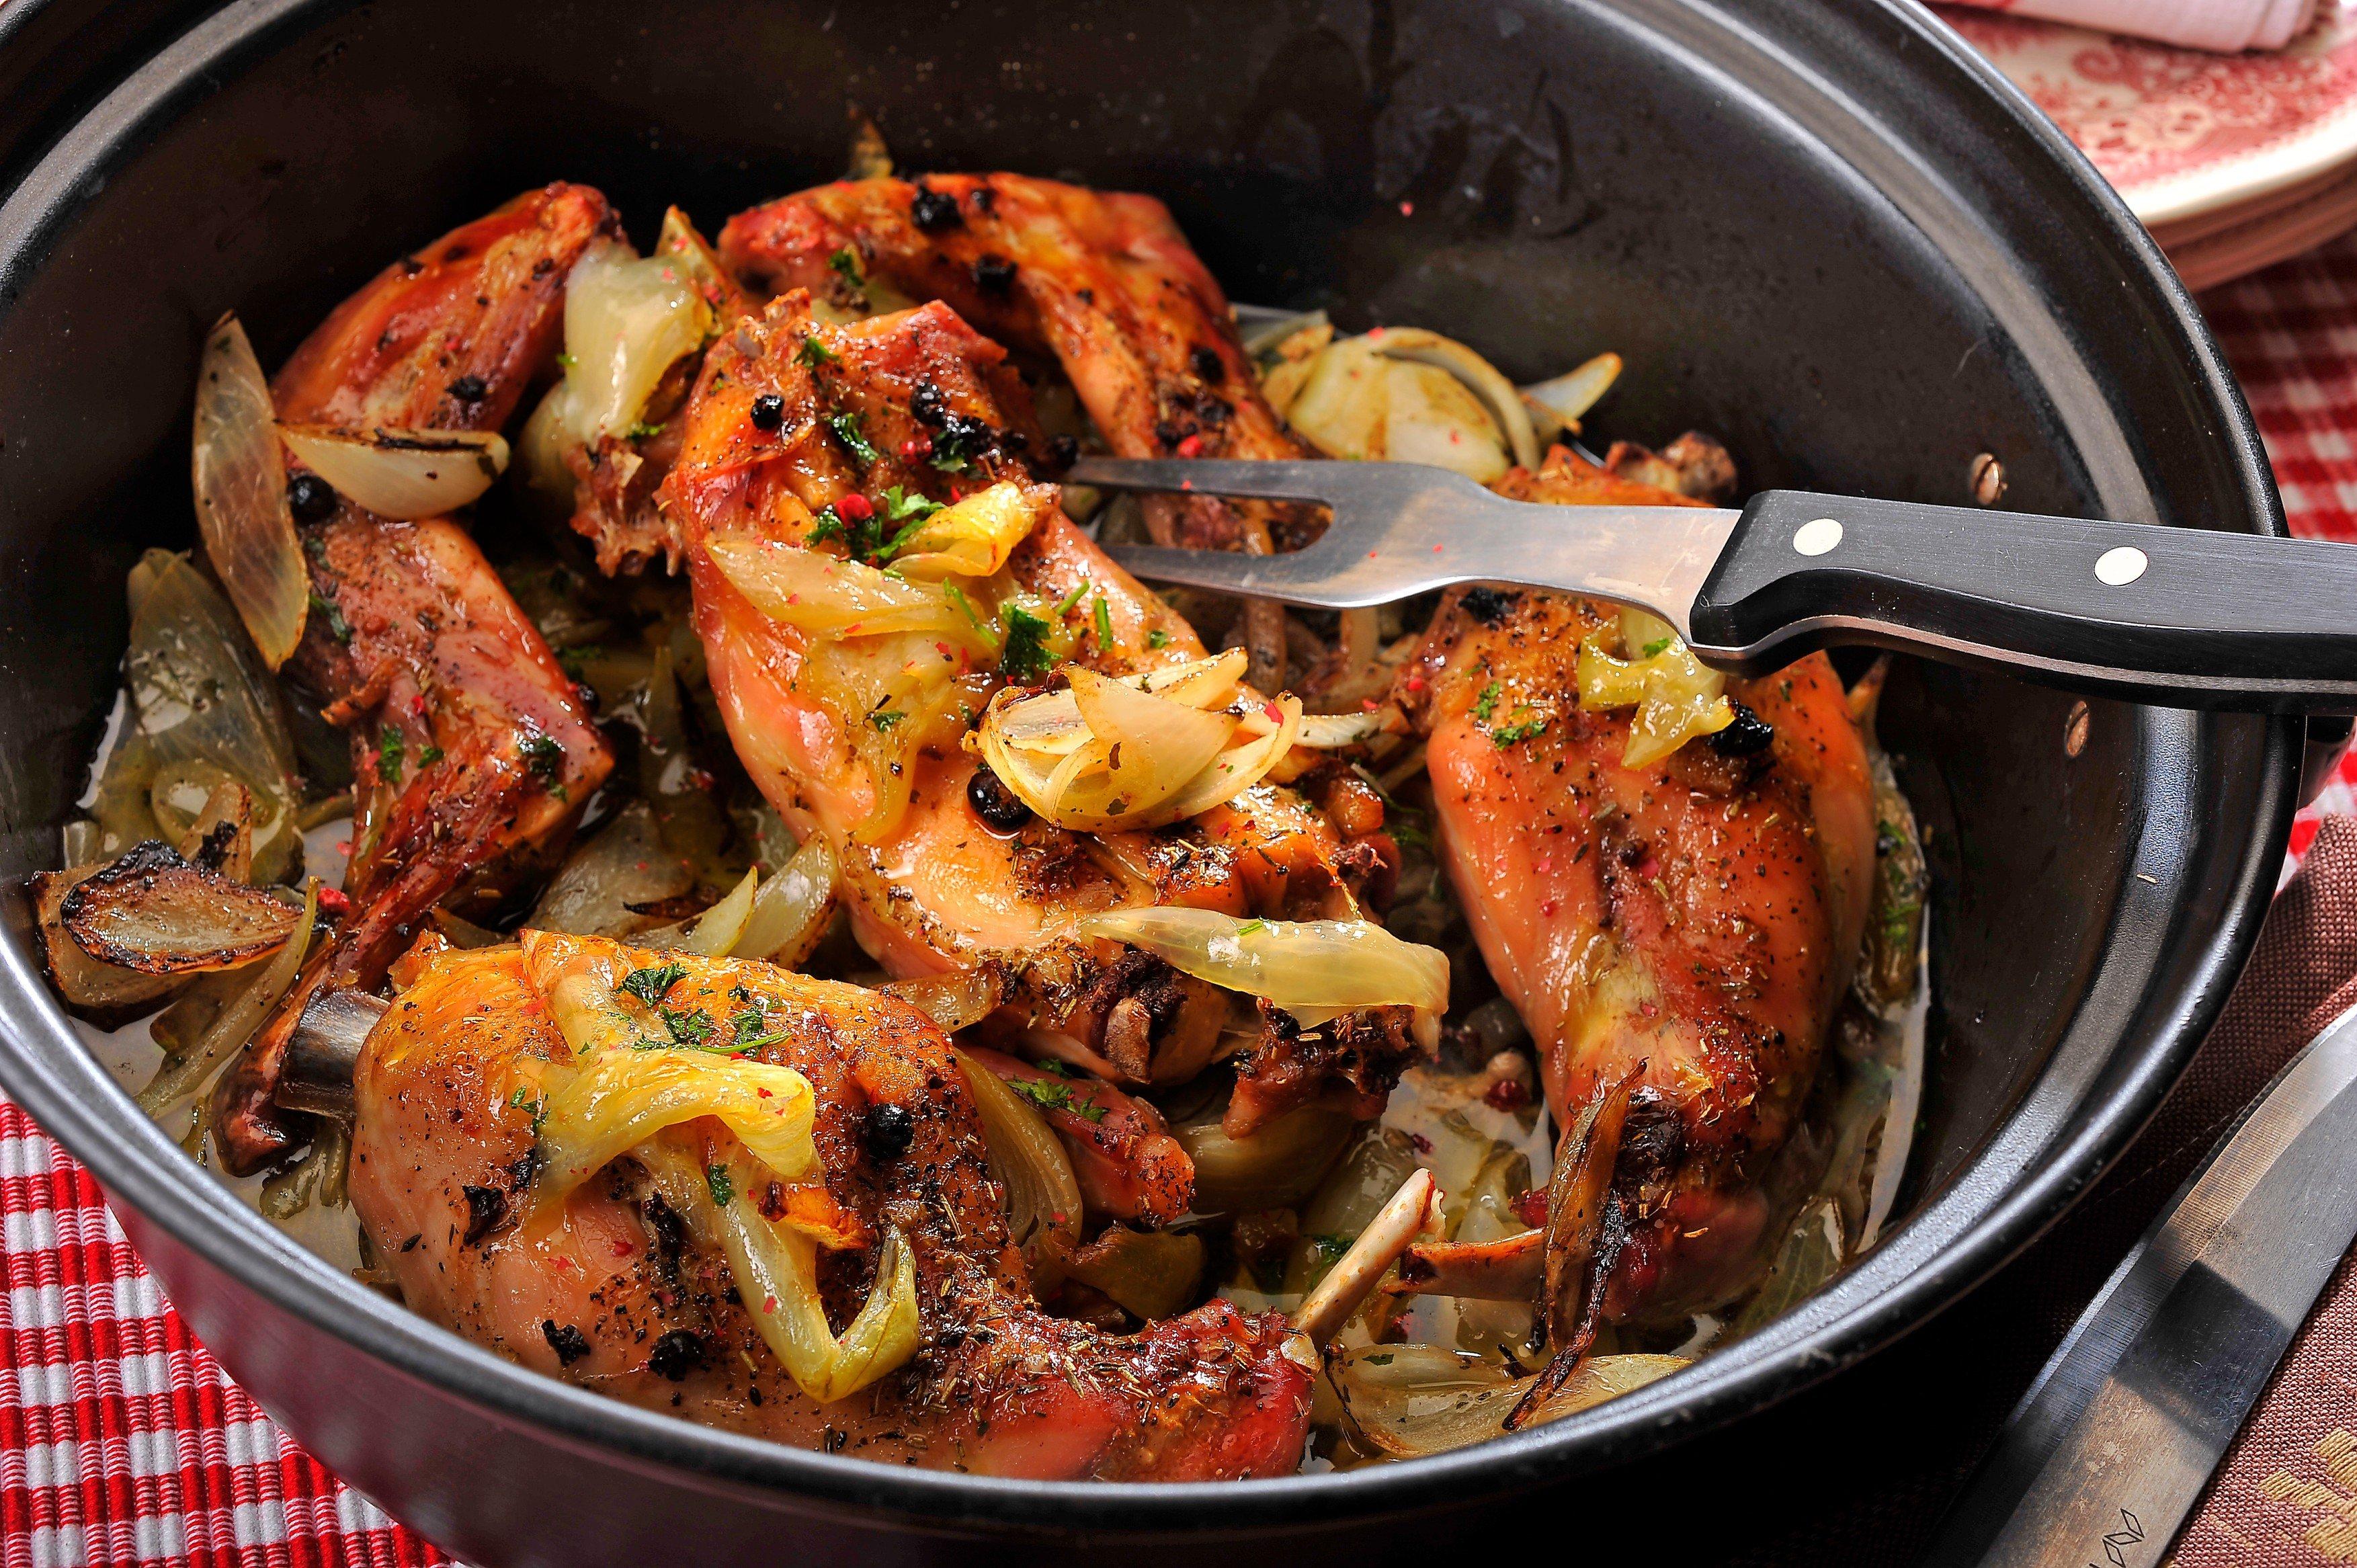 Jídlo, pečené maso, vaření. Ilustrační foto